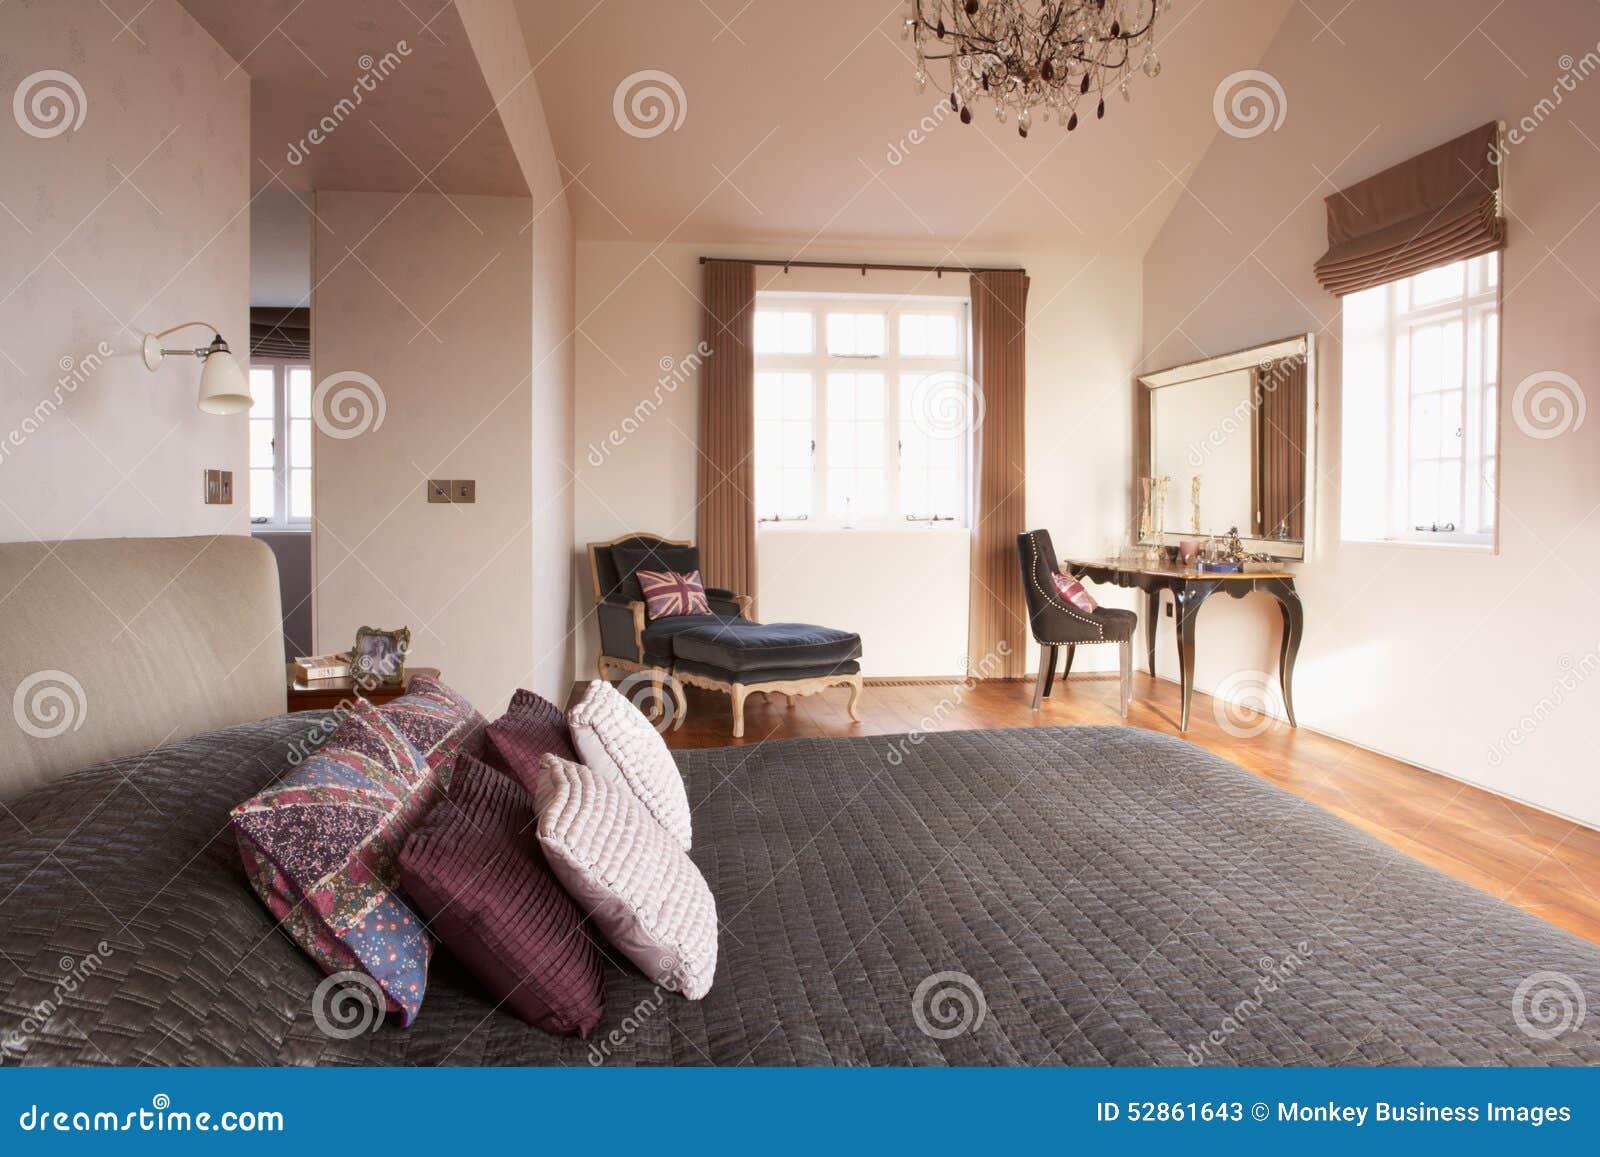 Illuminazione Camera Da Letto Contemporanea : Interno di bella camera da letto contemporanea immagine stock